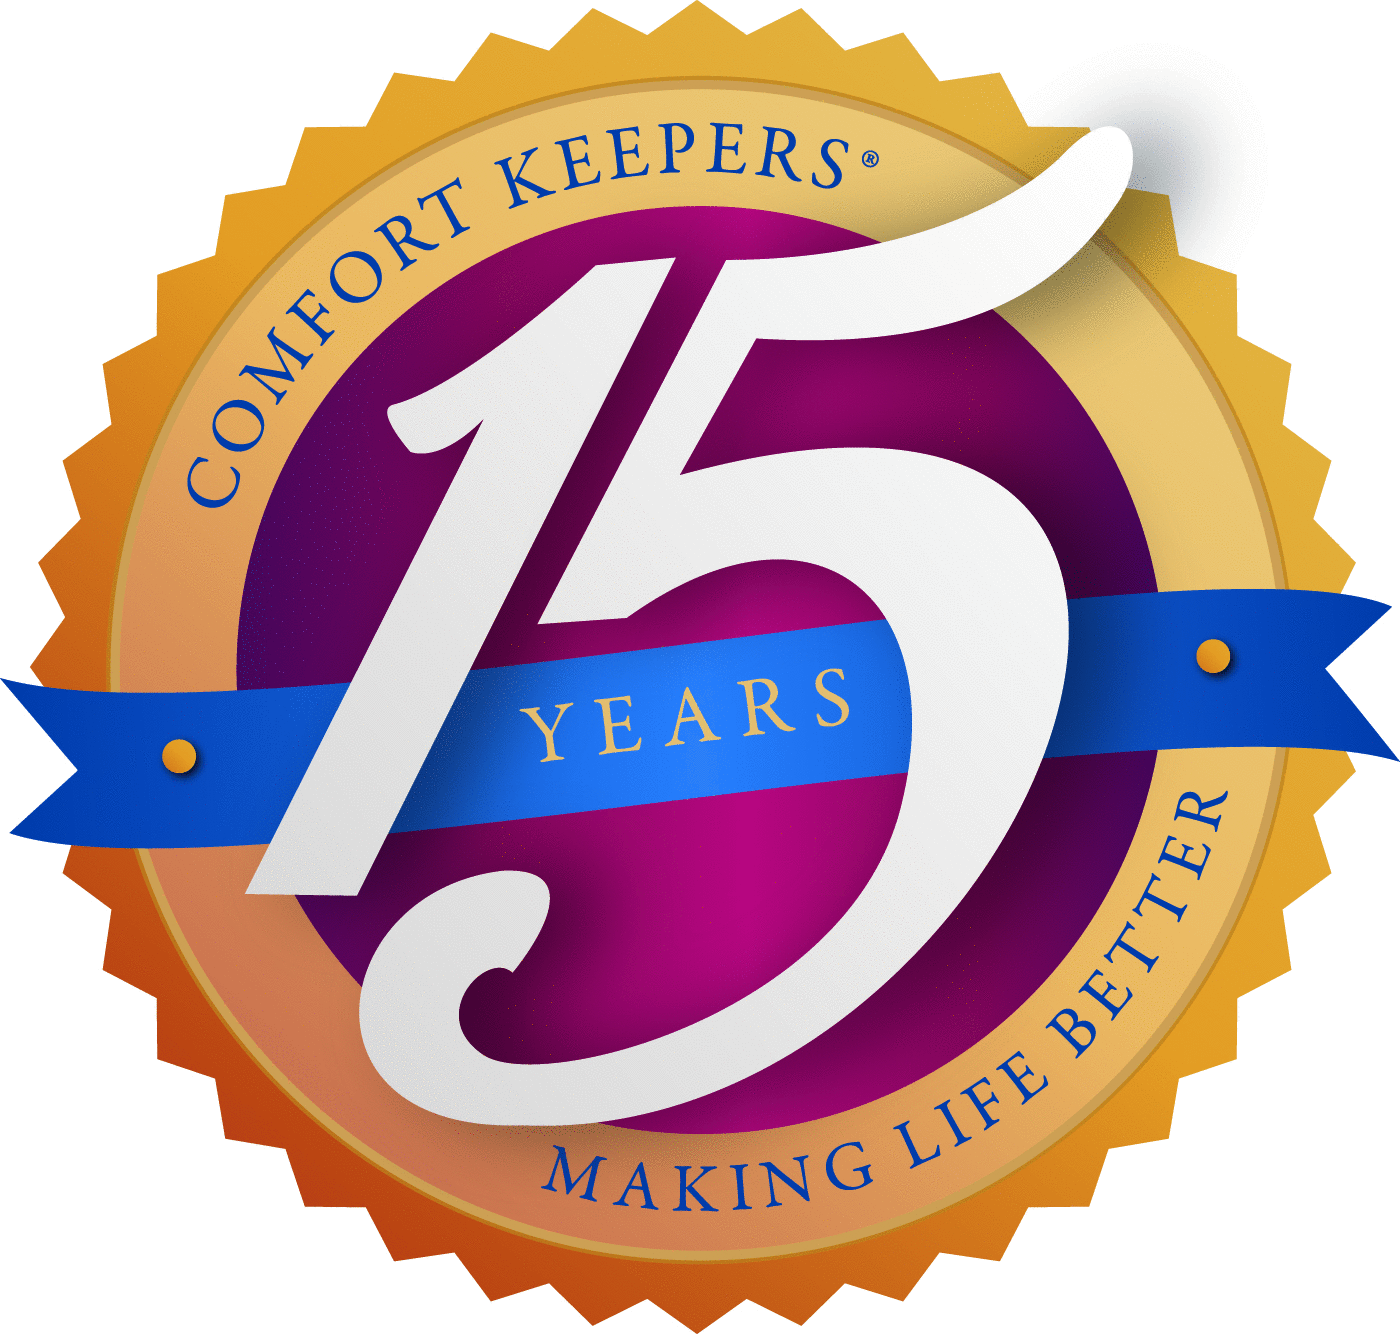 Comfort Keepers 15-Year Award